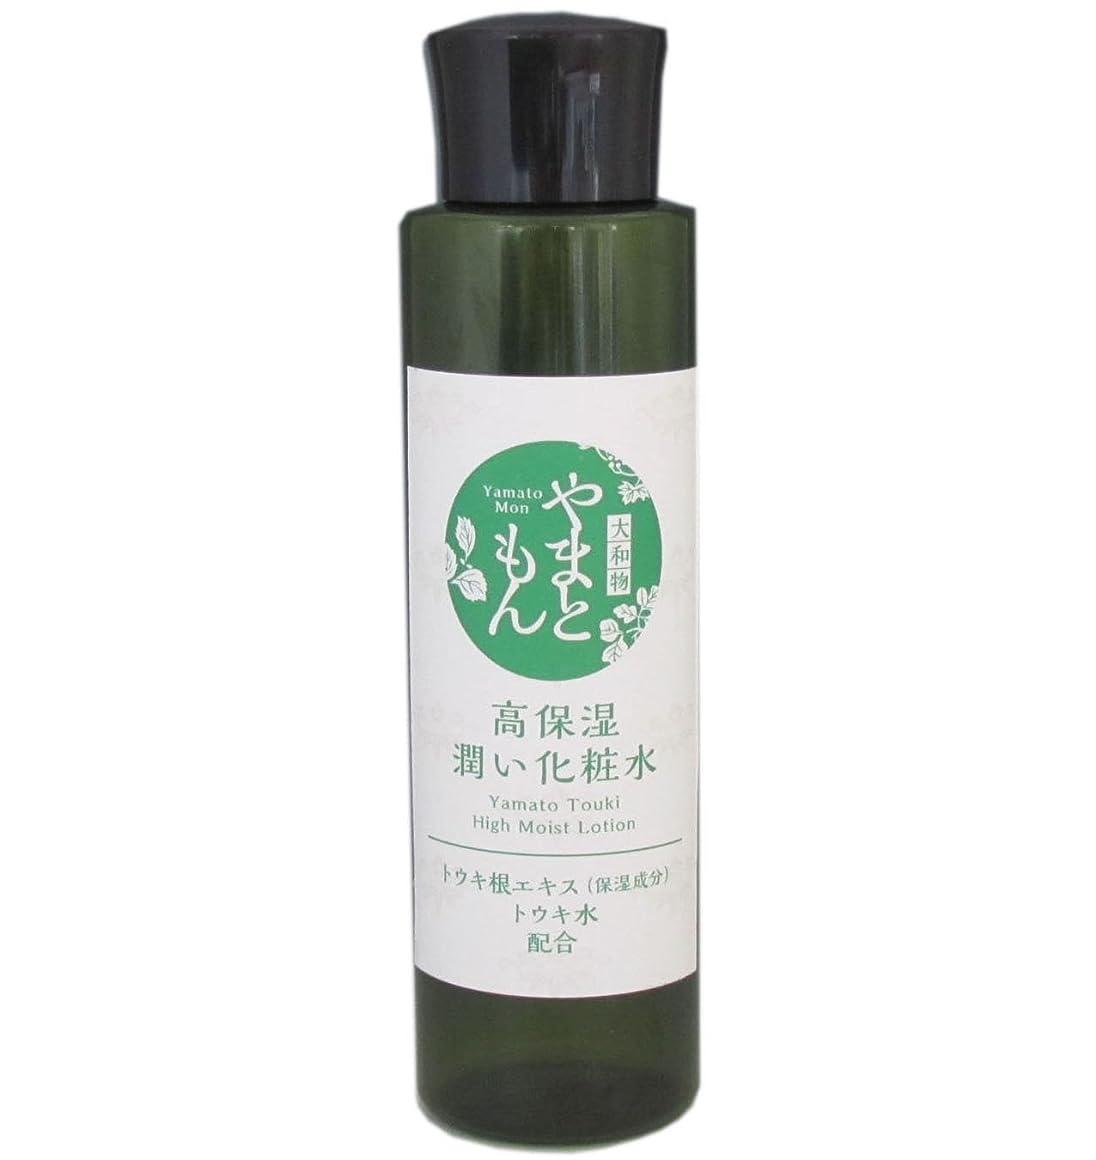 アンビエント南極櫛奈良産和漢生薬エキス使用やまともん化粧品 当帰化粧水(とうきけしょうすい)